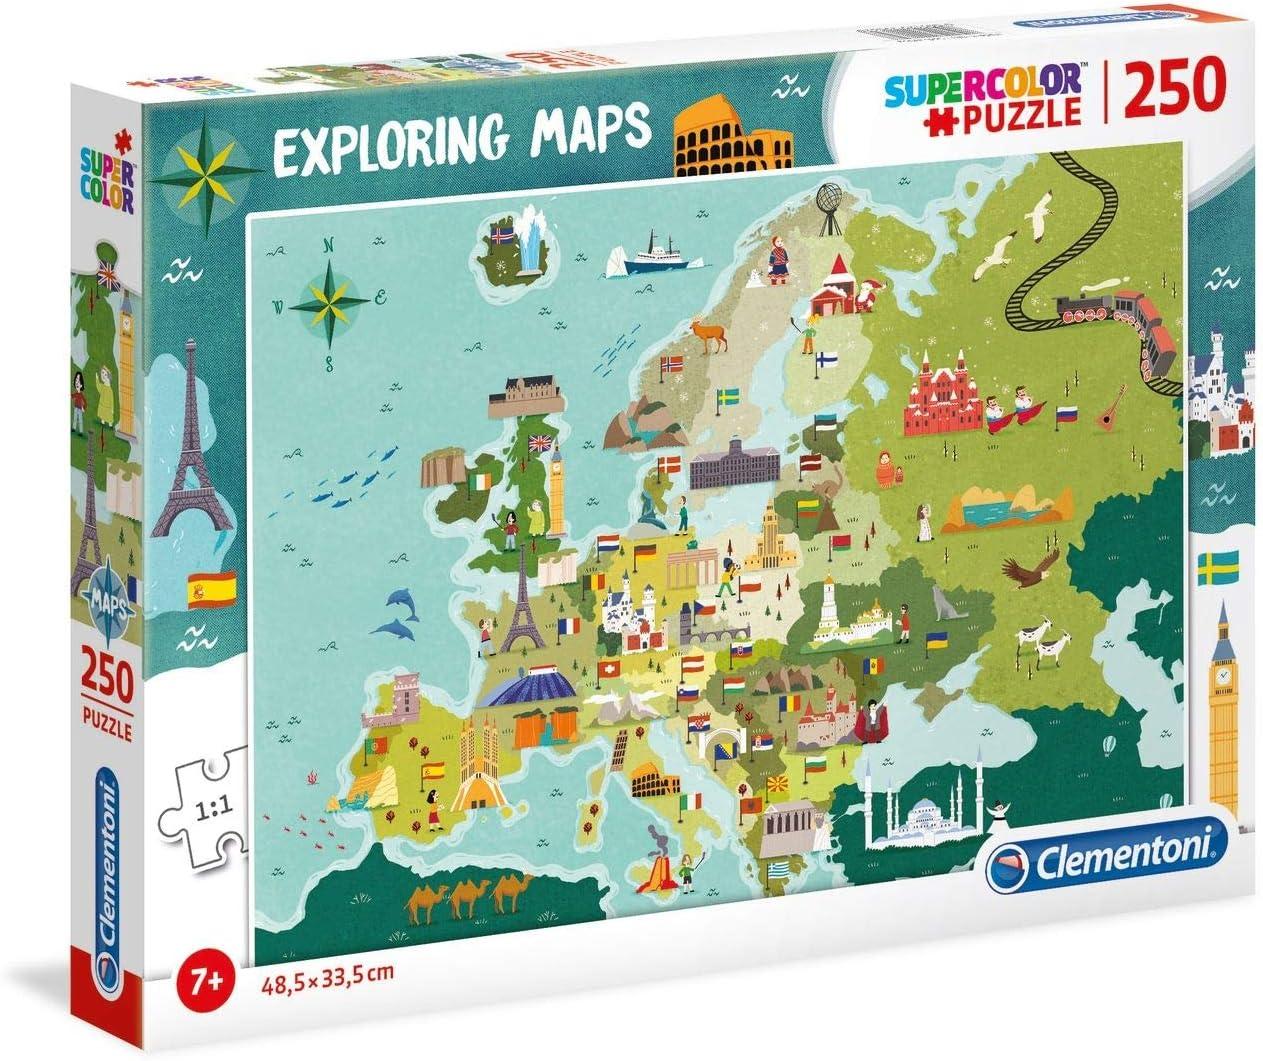 Clementoni- Puzzle Mapa 250 Piezas Europa - Lugares (29062.8): Amazon.es: Juguetes y juegos